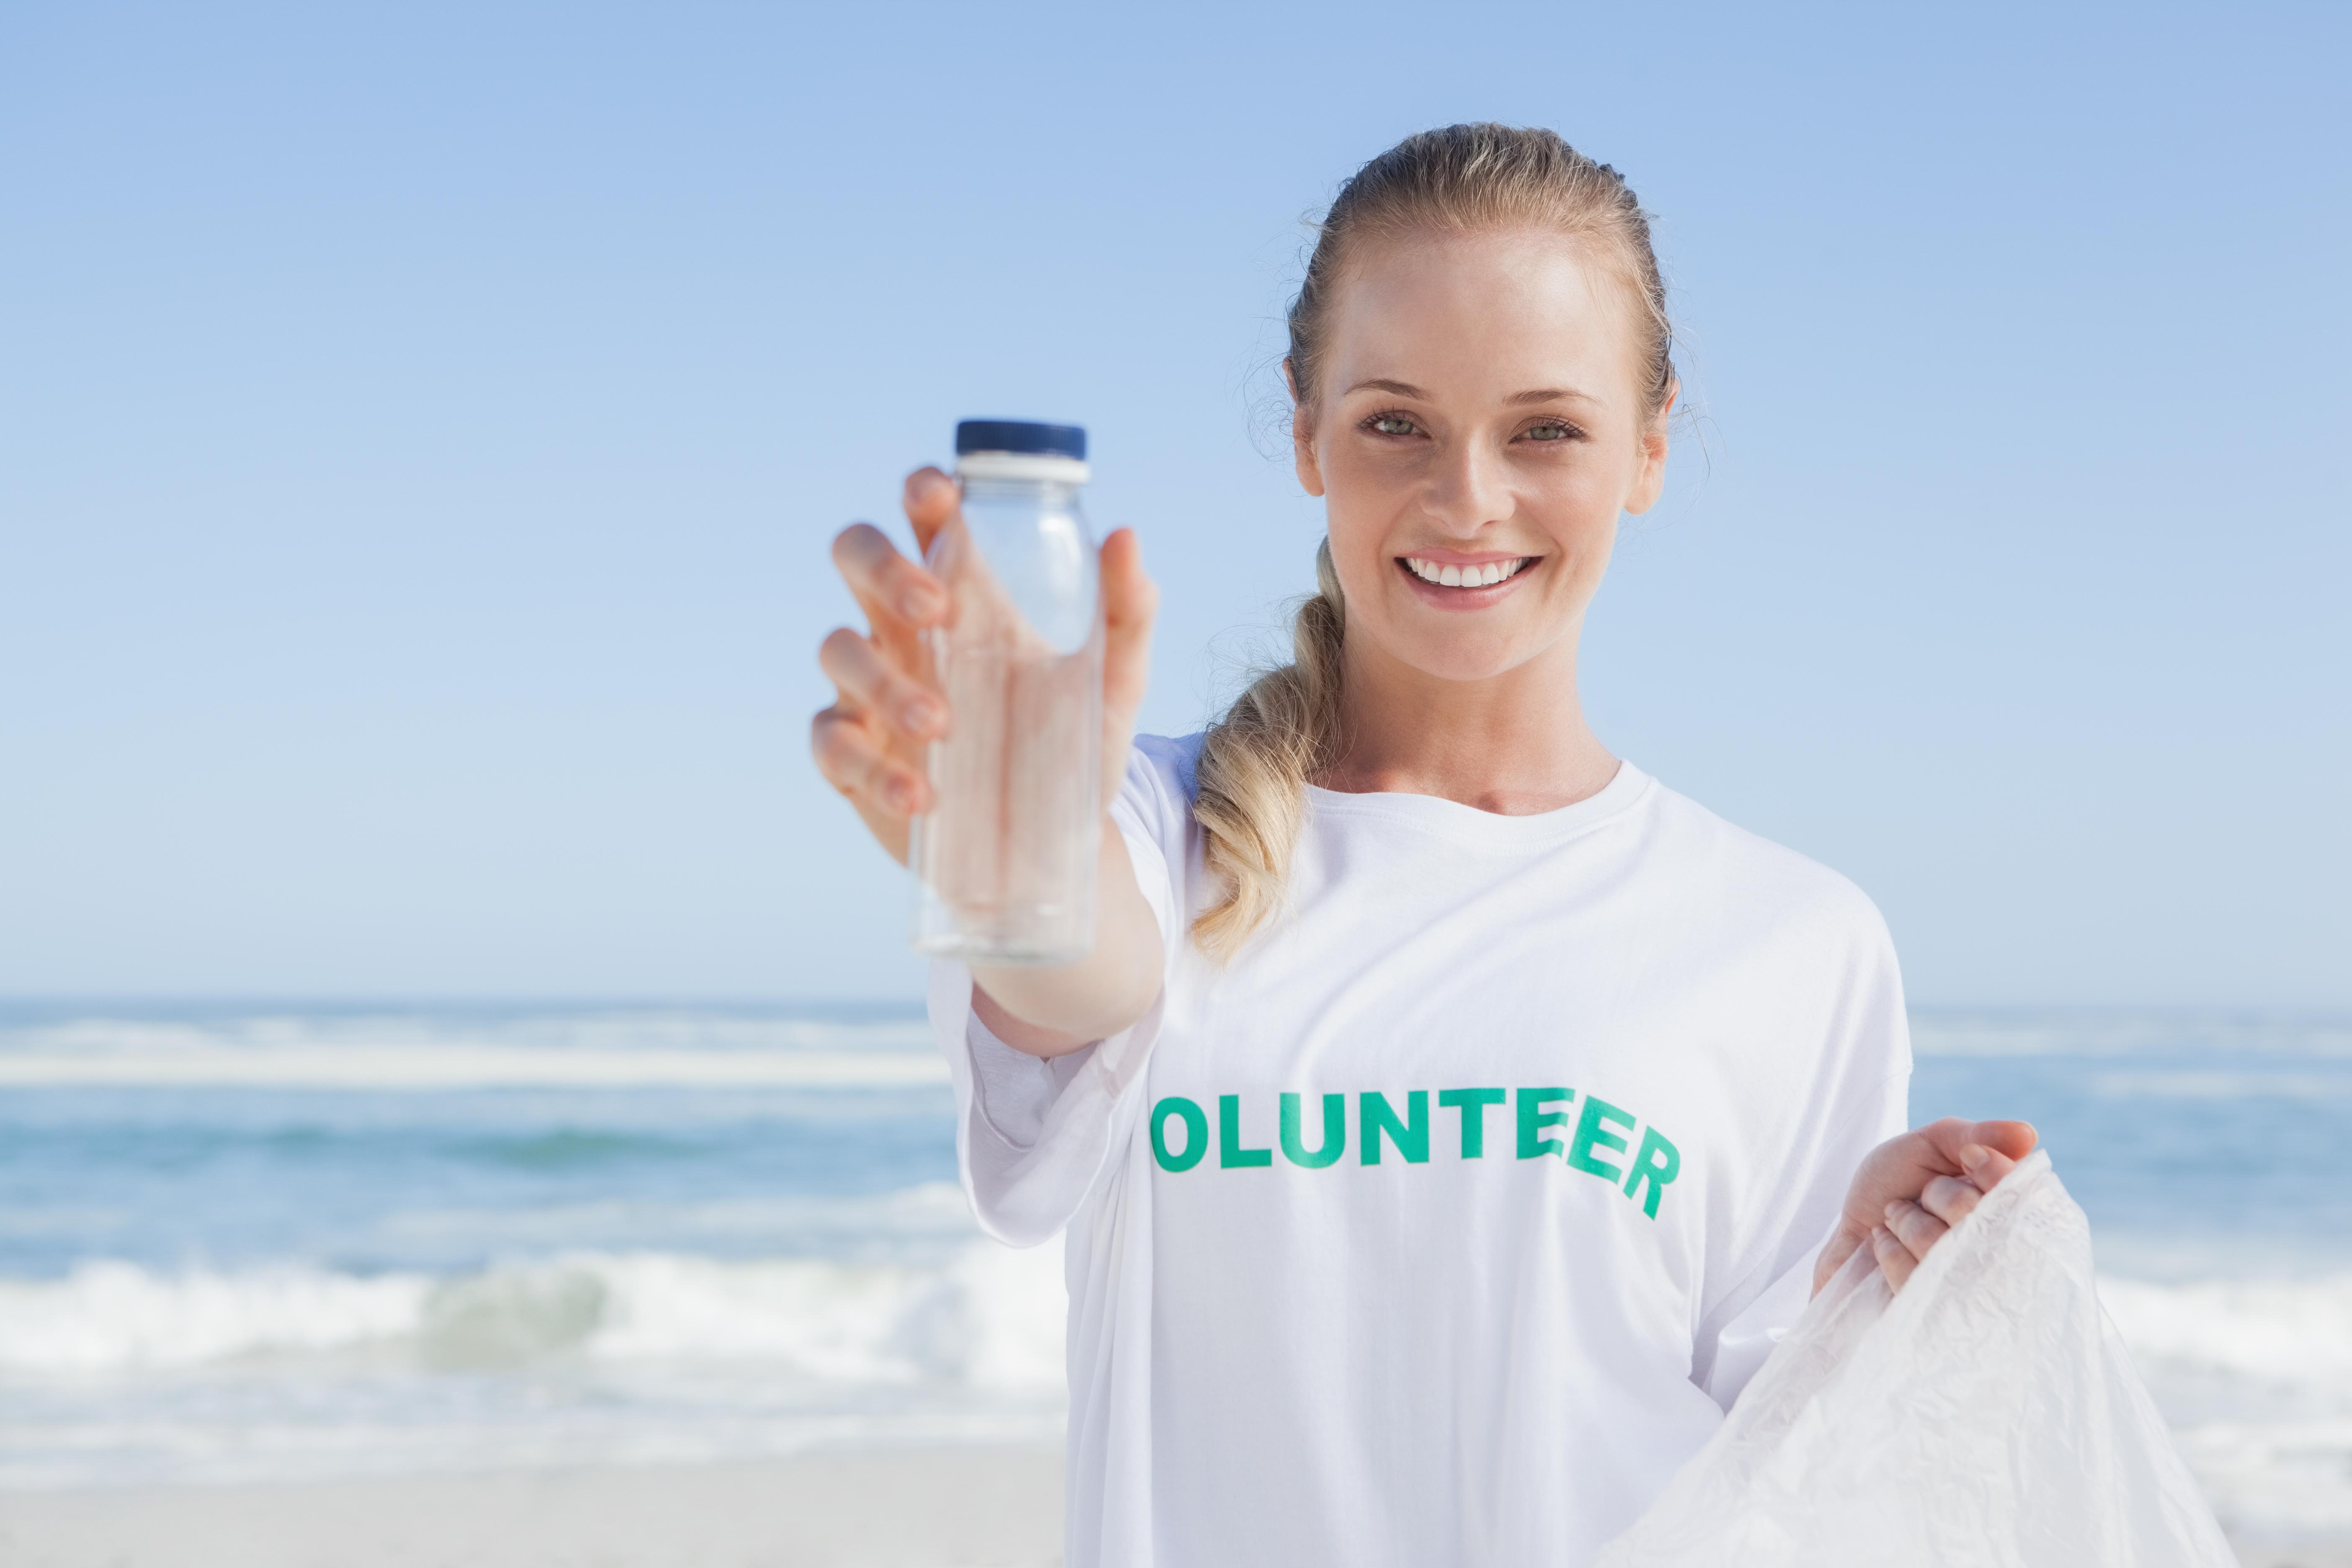 Sorrento-pulizia-spiagge-fondali